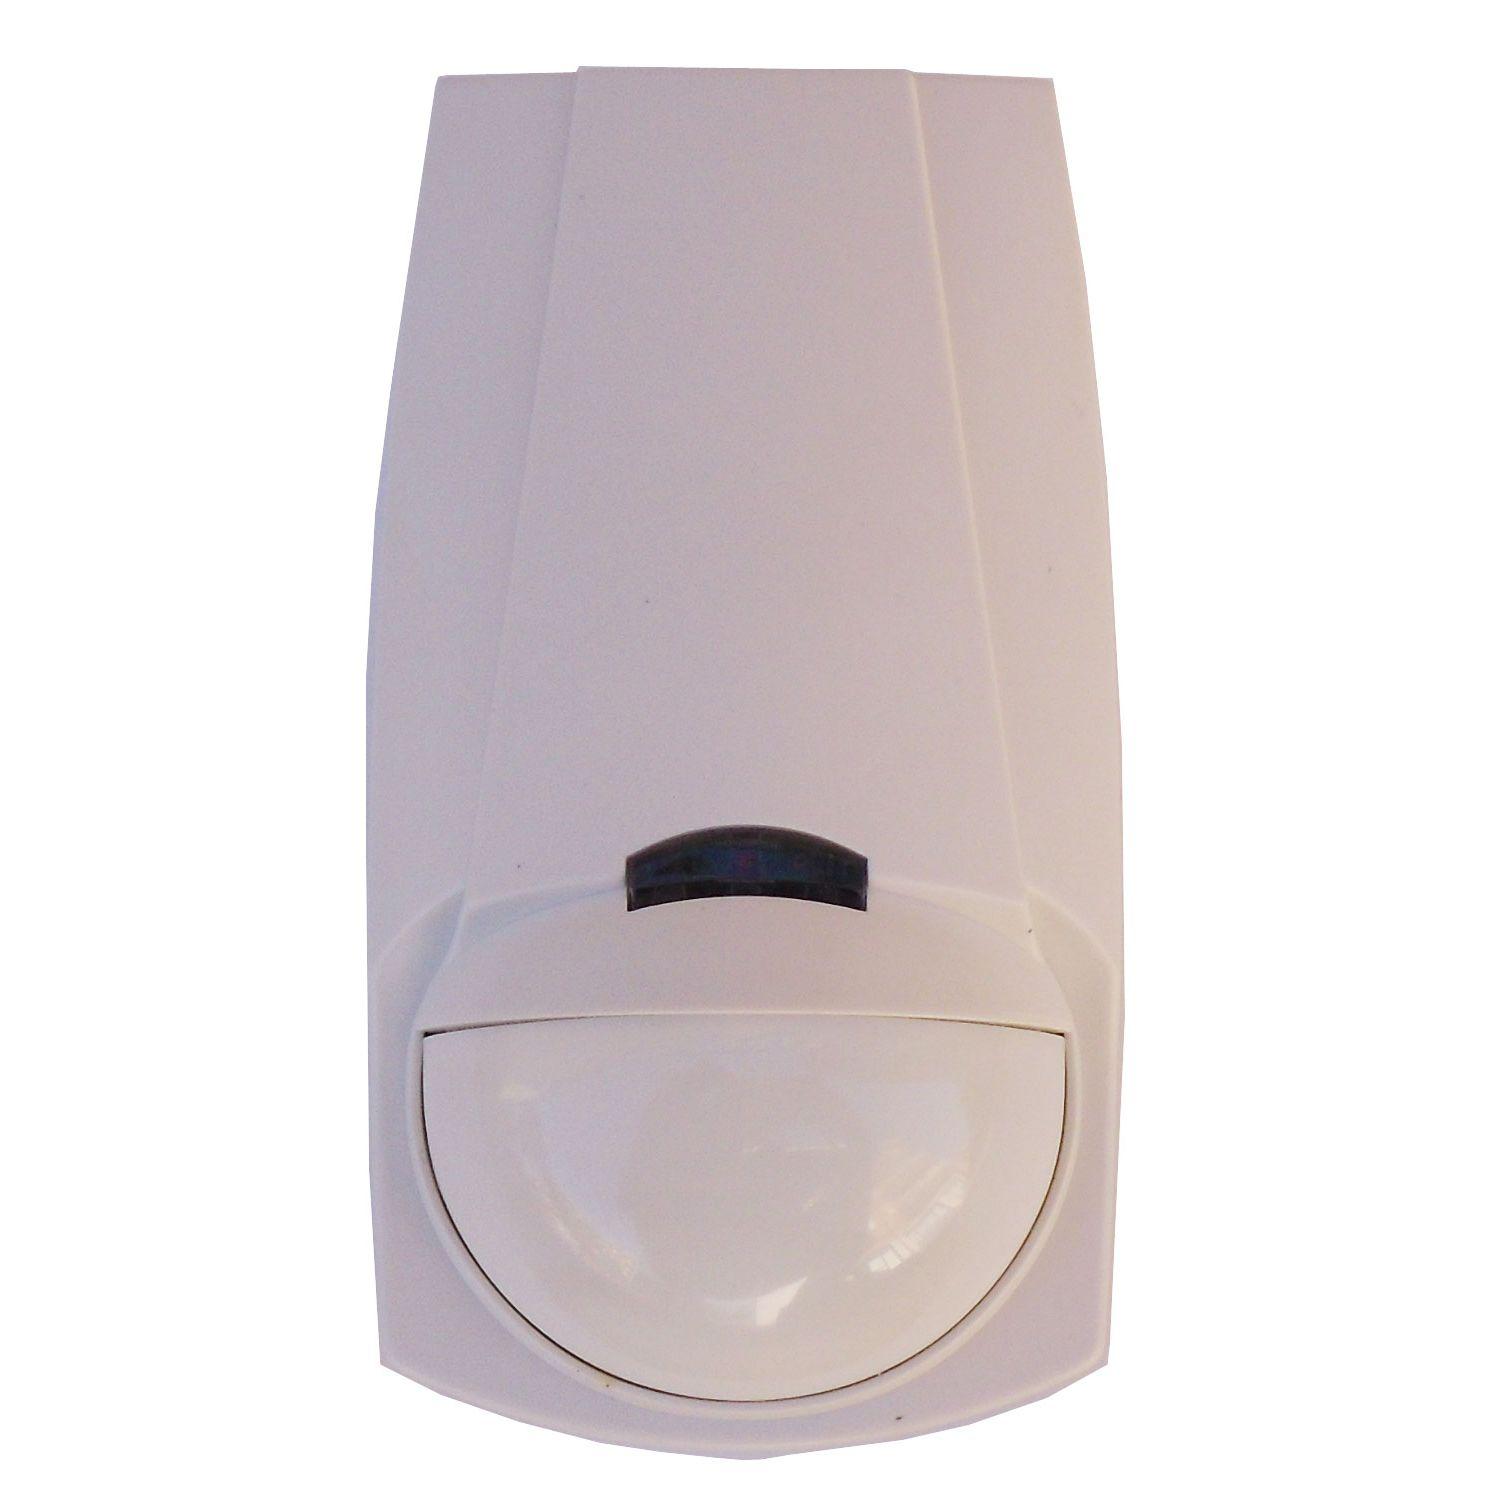 Sicurezza :: Sensori e rilevatori :: Sensore a doppia tecnologia con PET immunity - elettronica